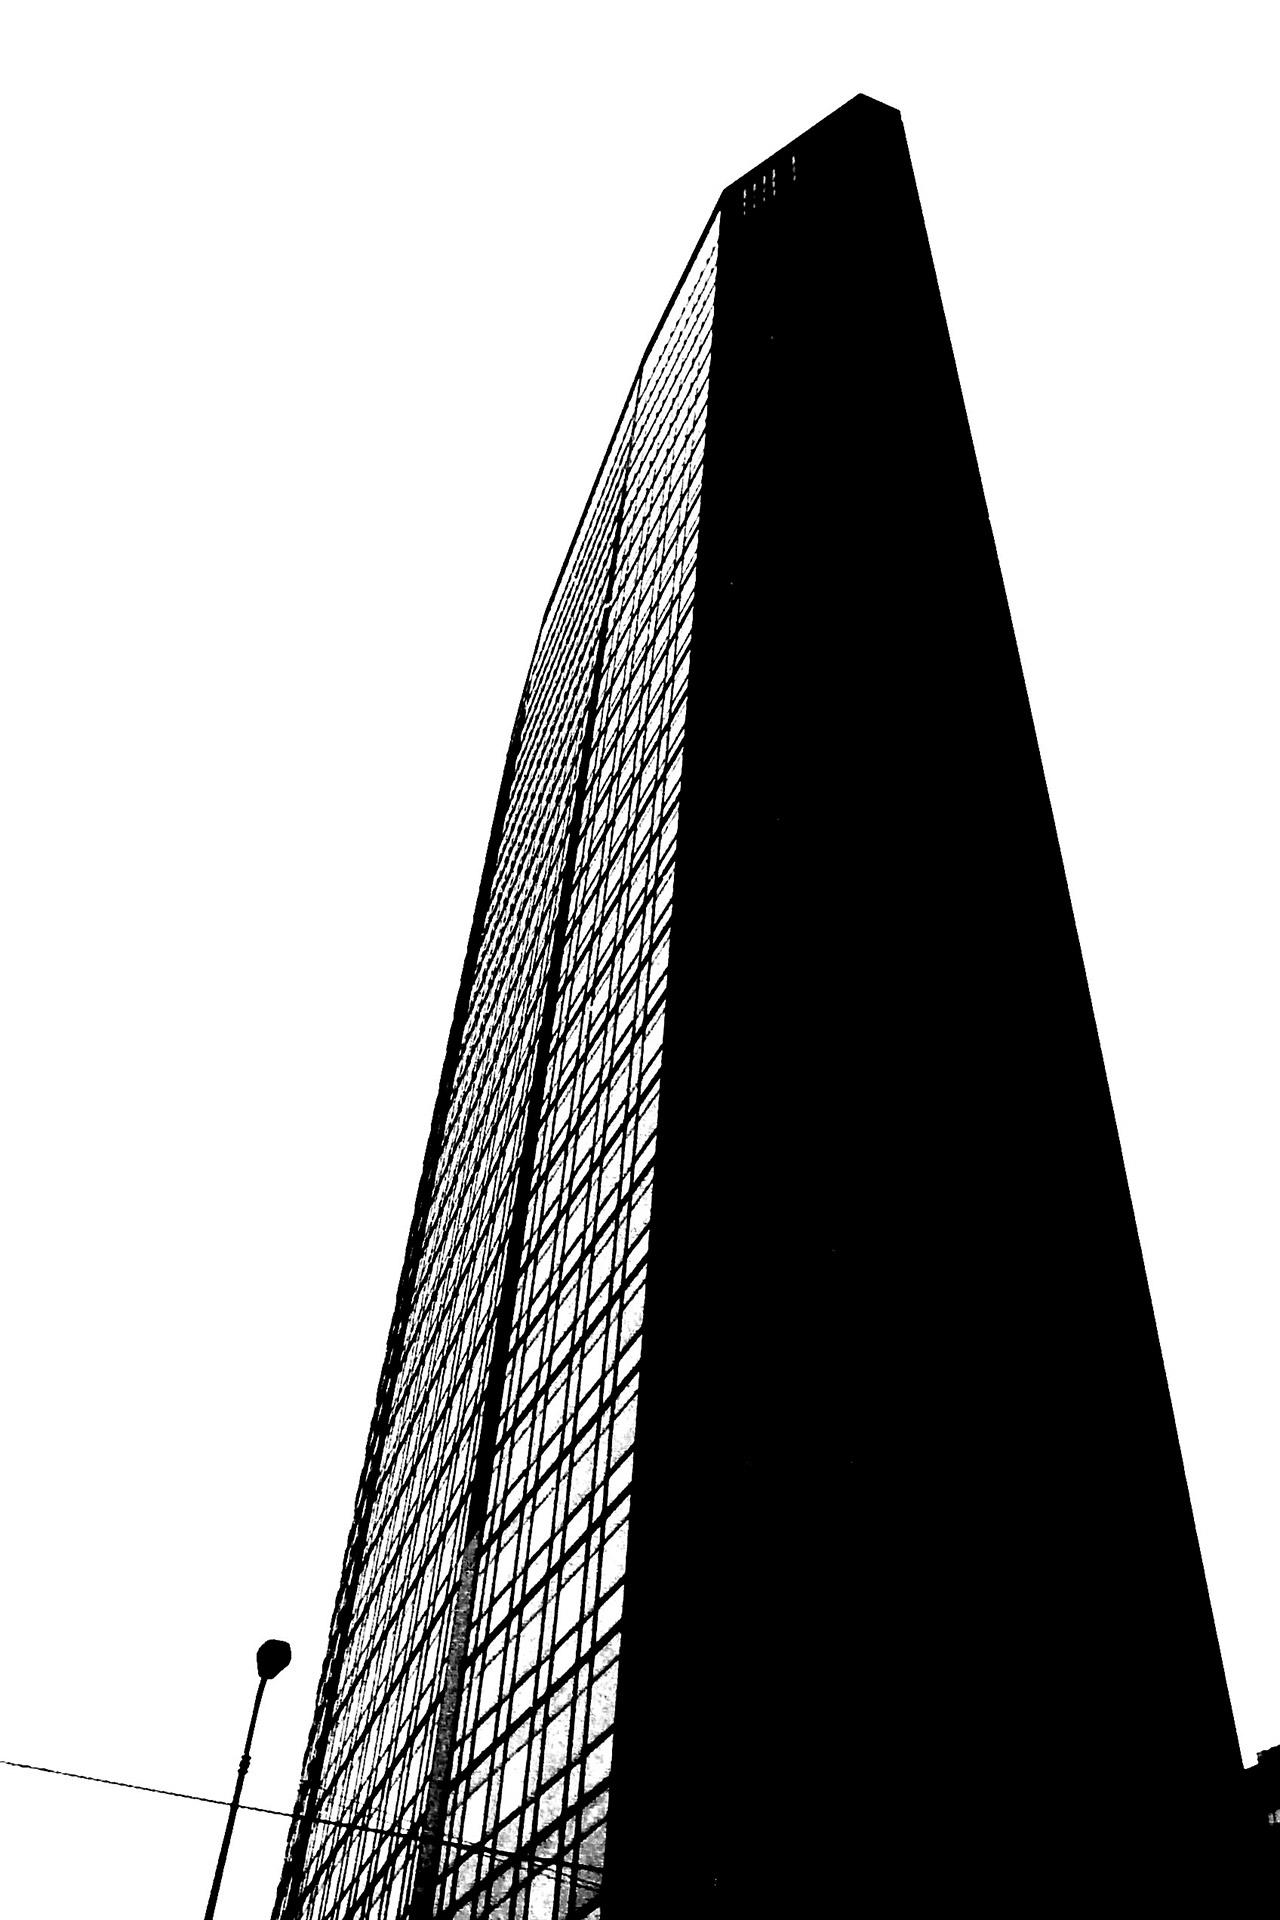 Grattacielo-Pirelli,-Milano-1995